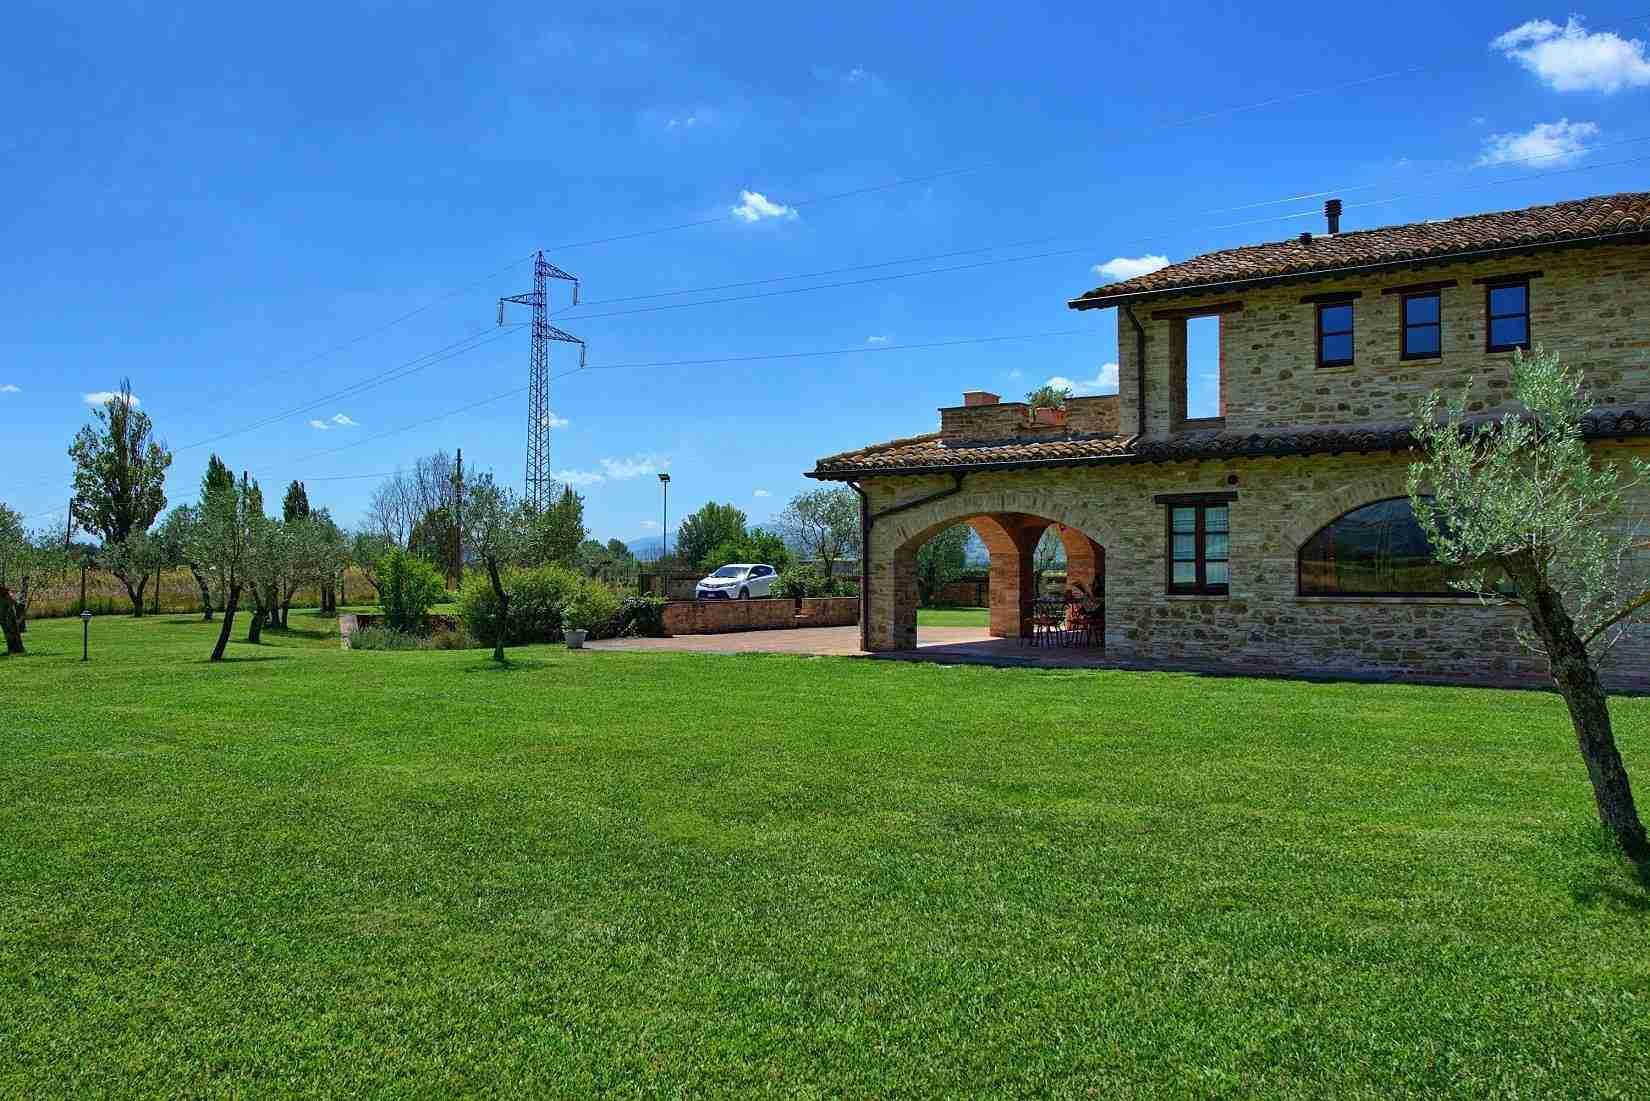 5 Assisi facade